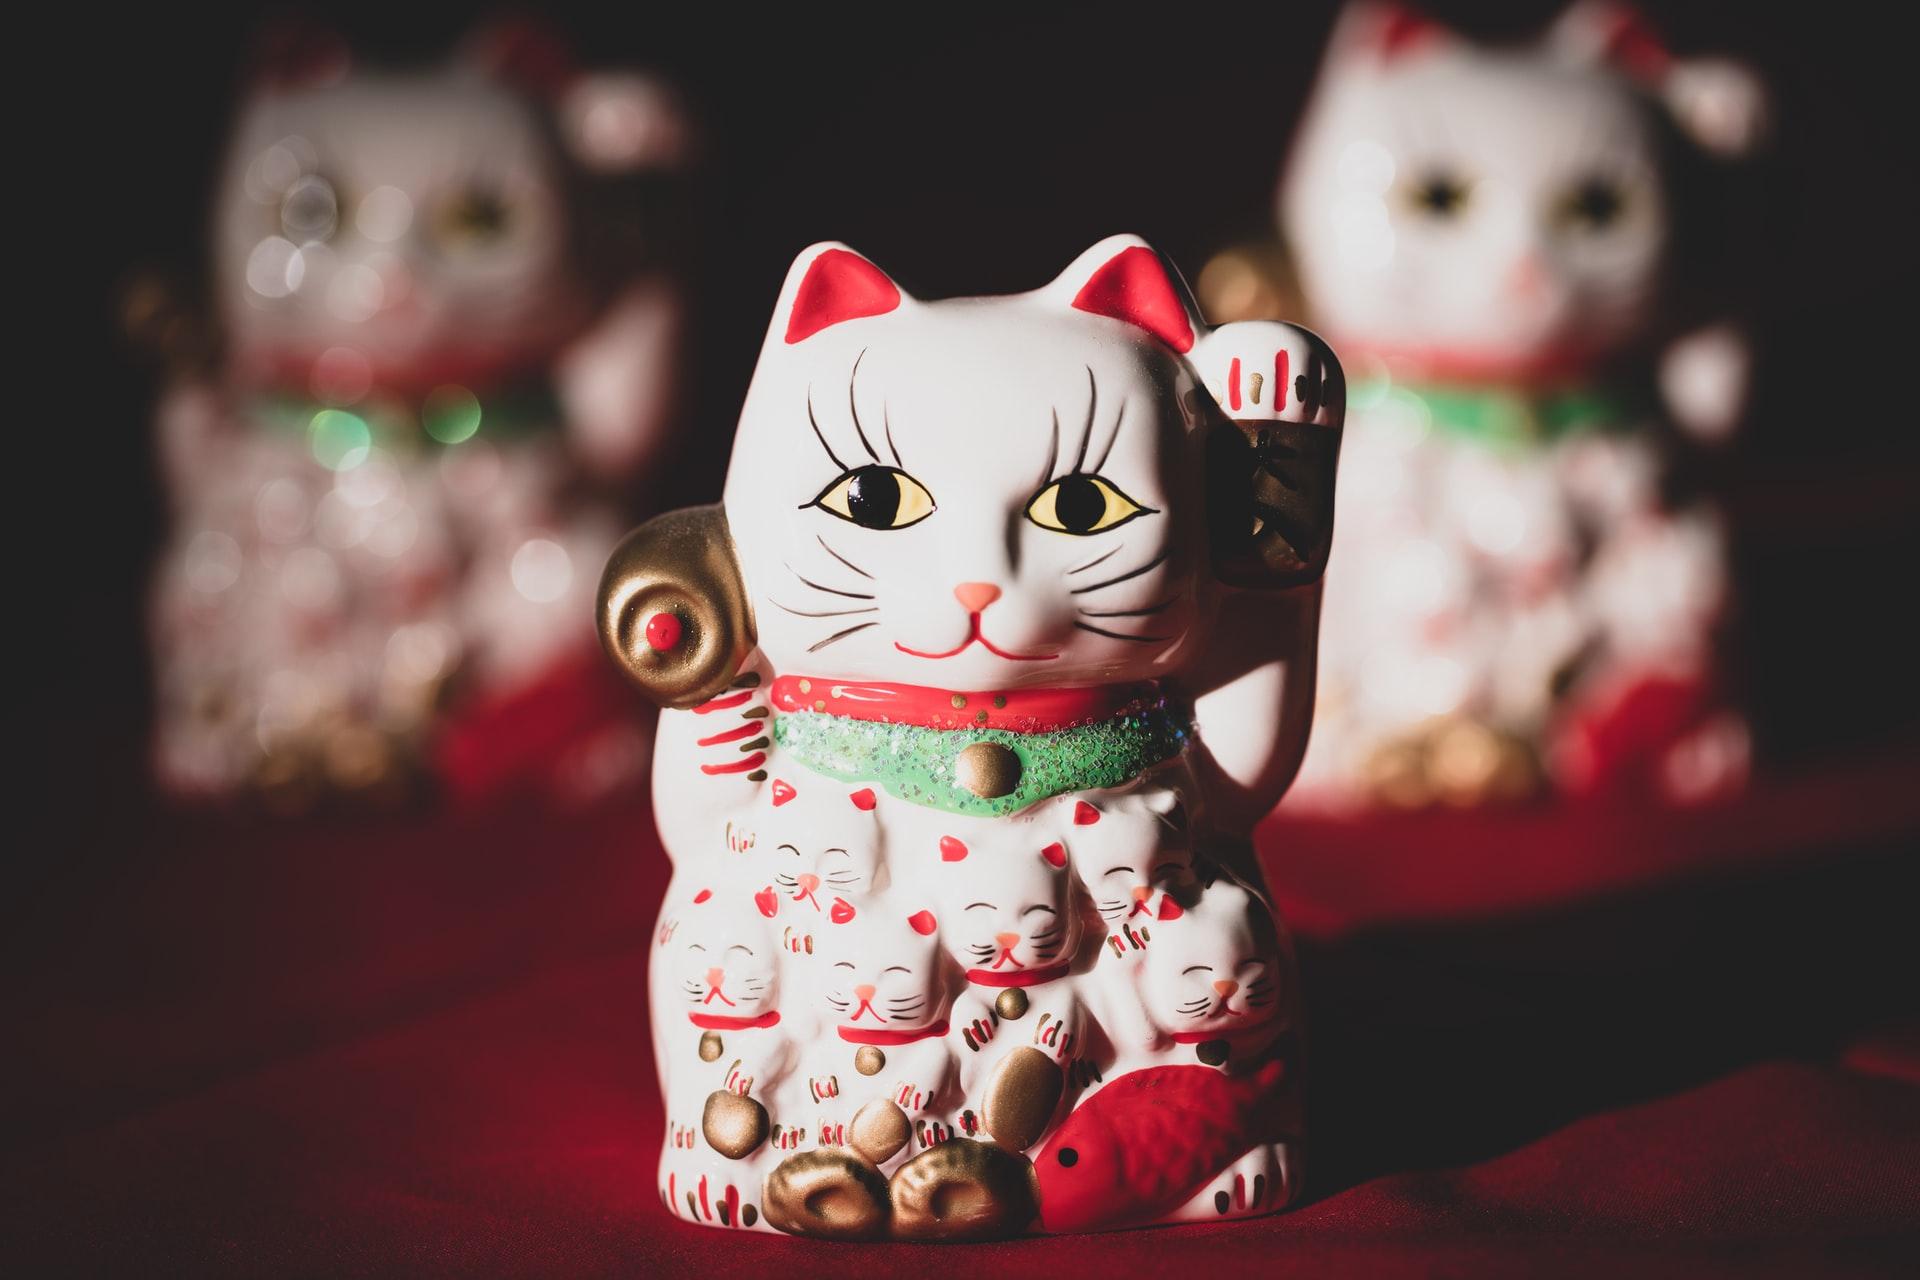 Die winkende Glückskatze Maneki Neko ist ein Glücksbringer Tier aus Japan